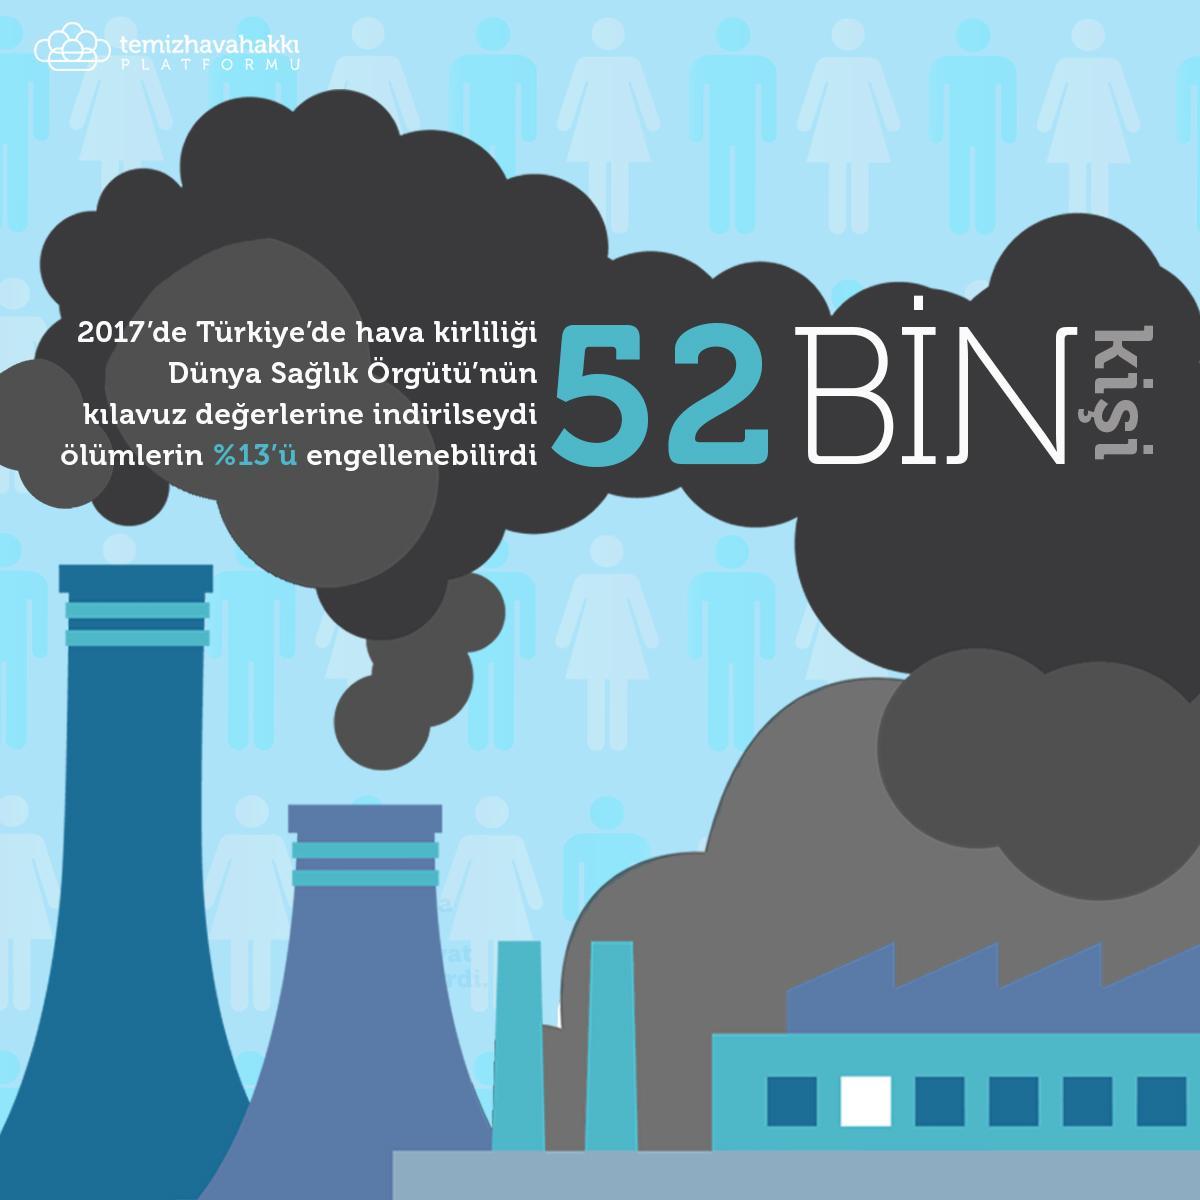 'Hava Kirliliği ve Sağlık Etkileri: Kara Rapor': Temiz hava 52 bin hayatı kurtarabilirdi